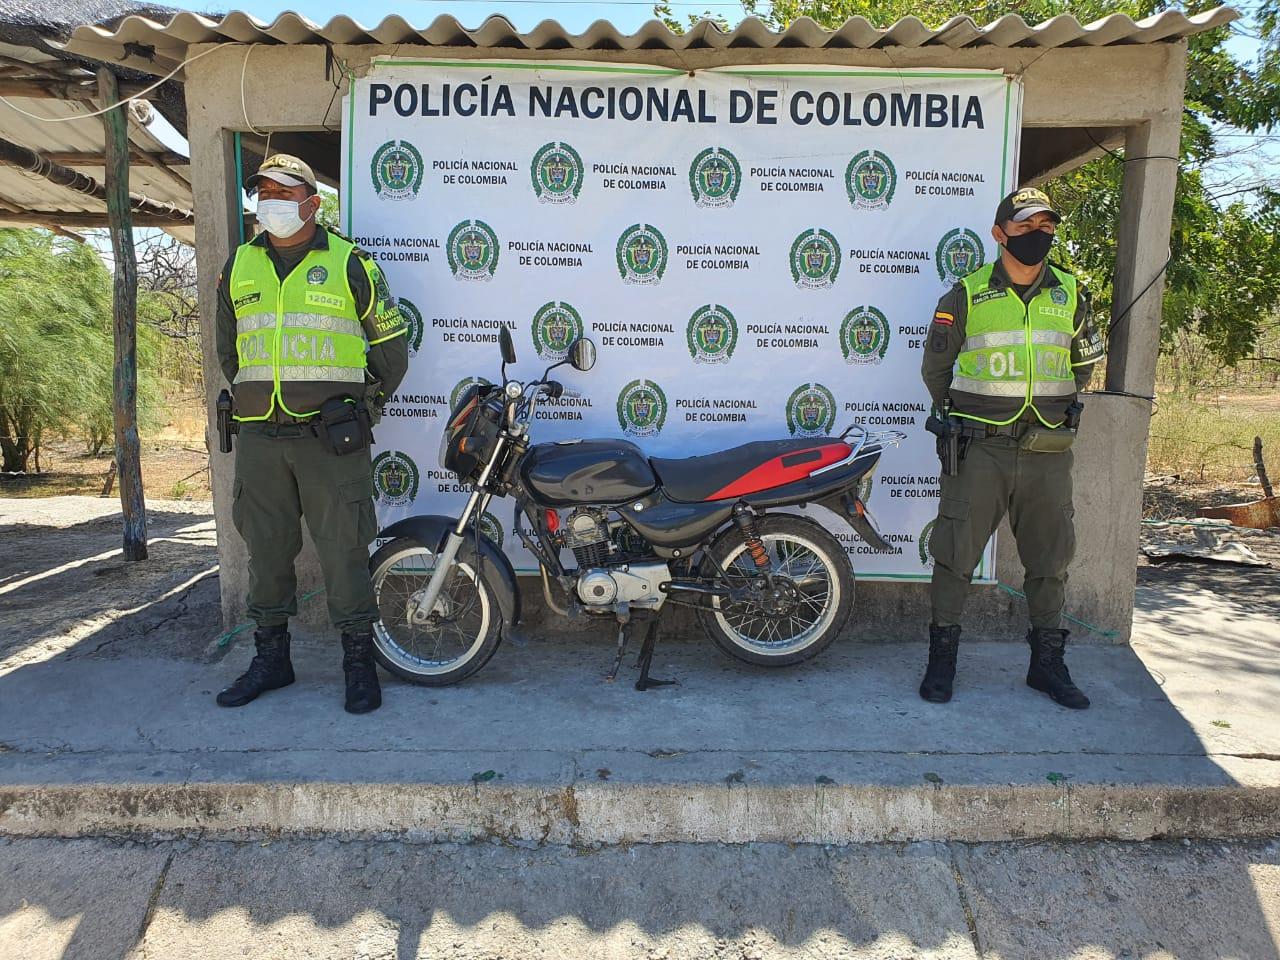 https://www.notasrosas.com/SETRA incauta medicamentos por 411 millones de pesos, y realiza varios operativos en carreteras guajiras